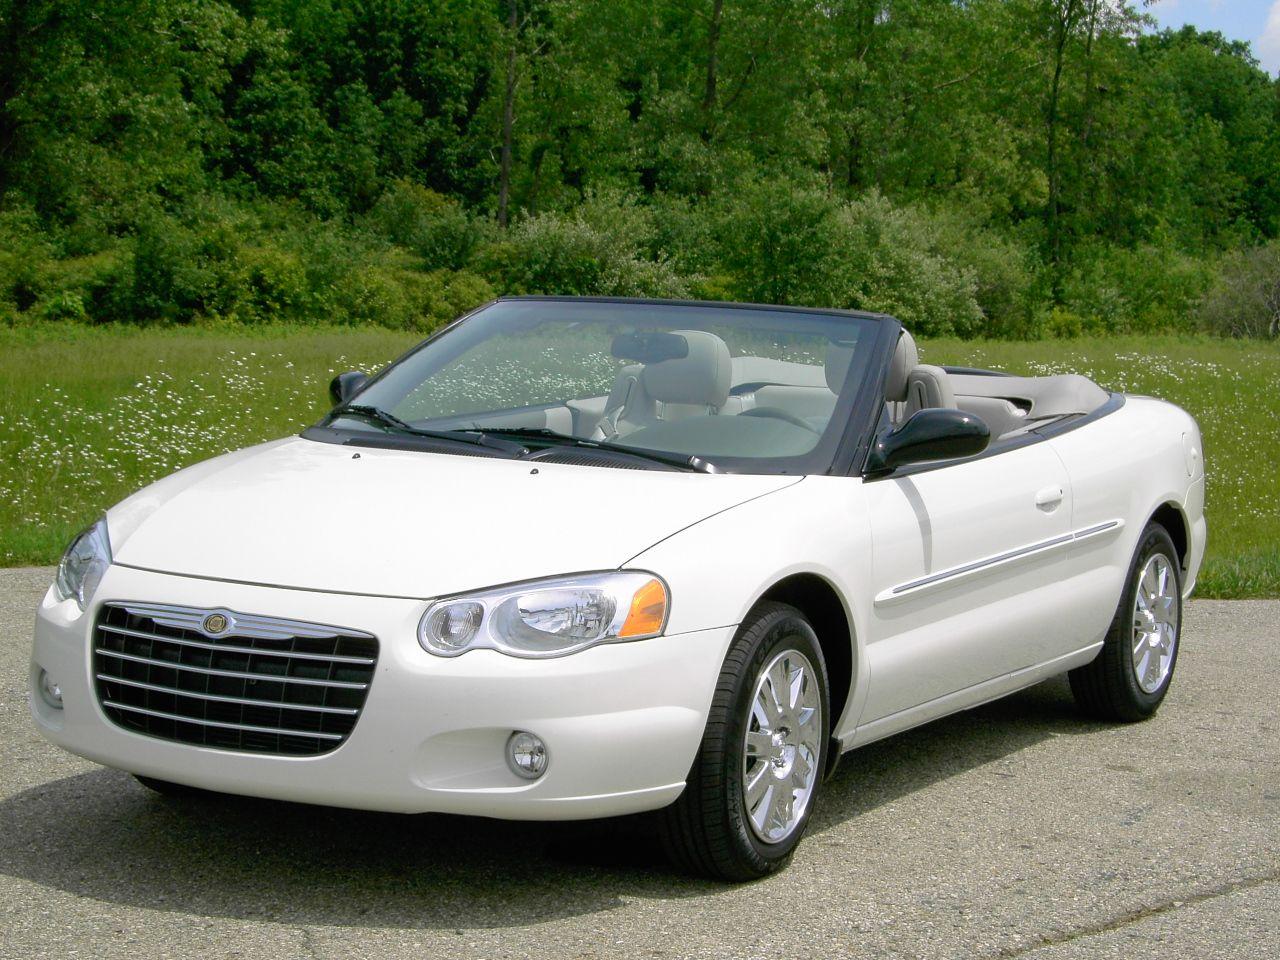 2005 Chrysler Sebring Convertible Chrysler Sebring Http Www